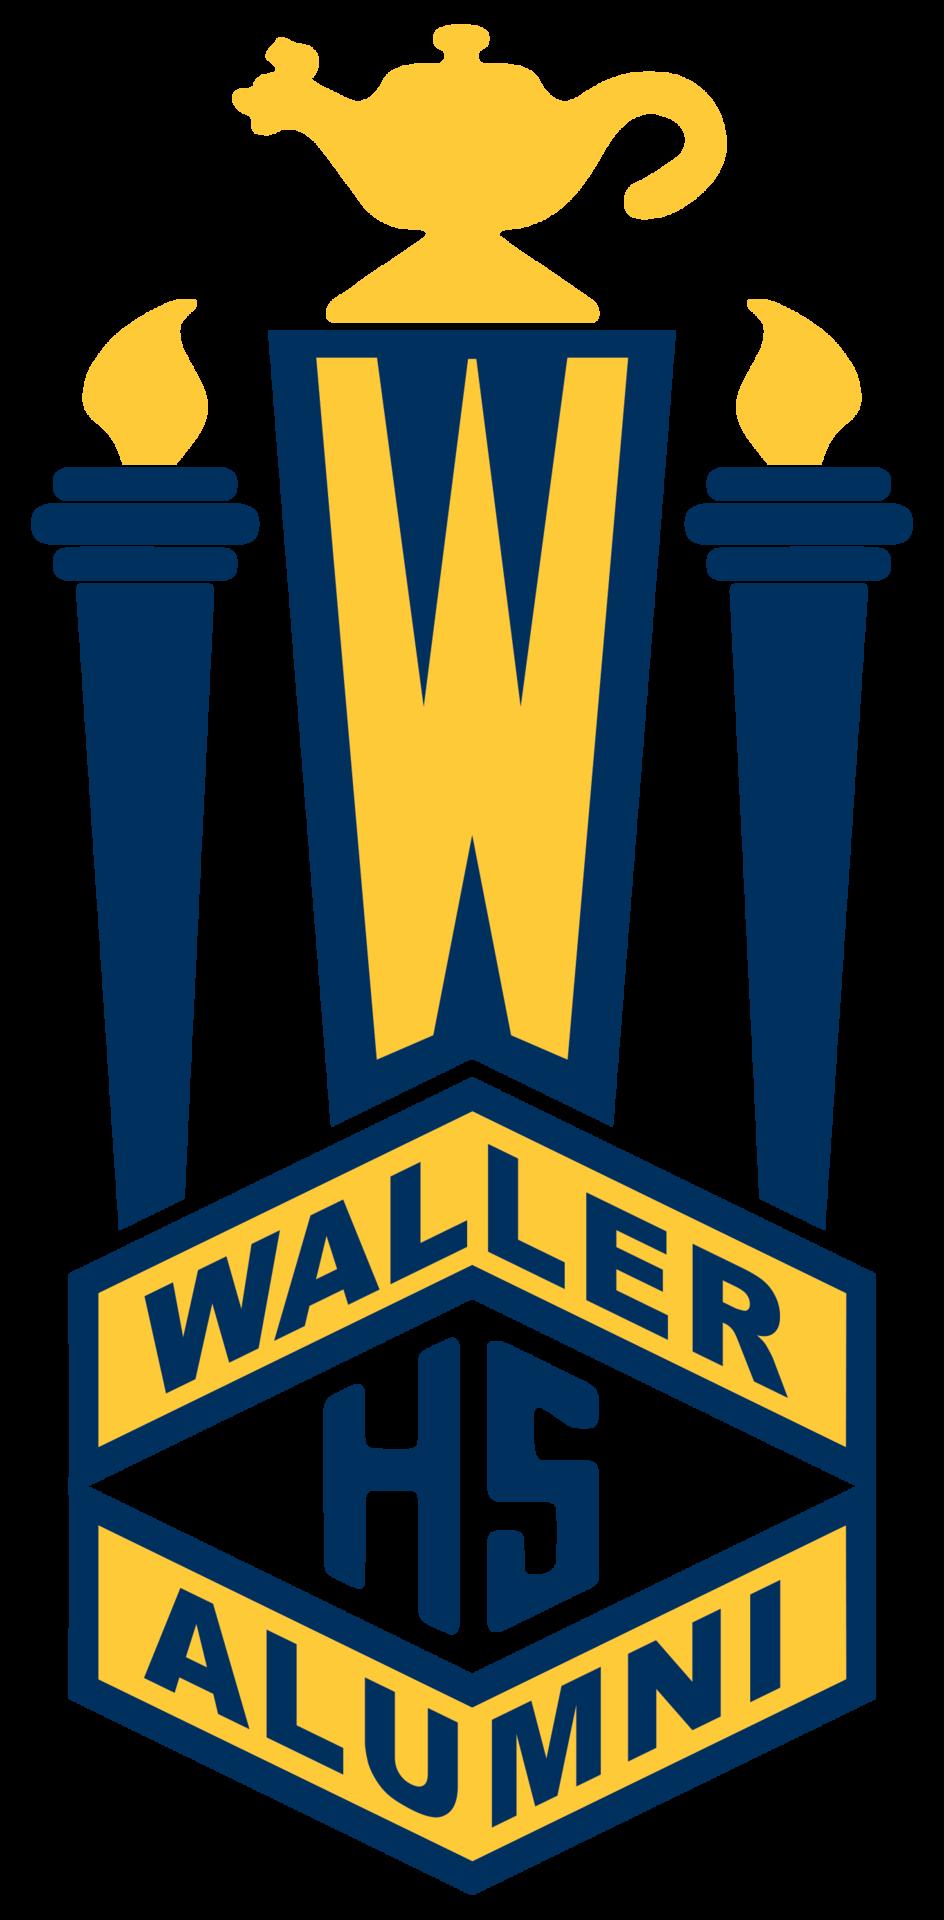 Walller Torch